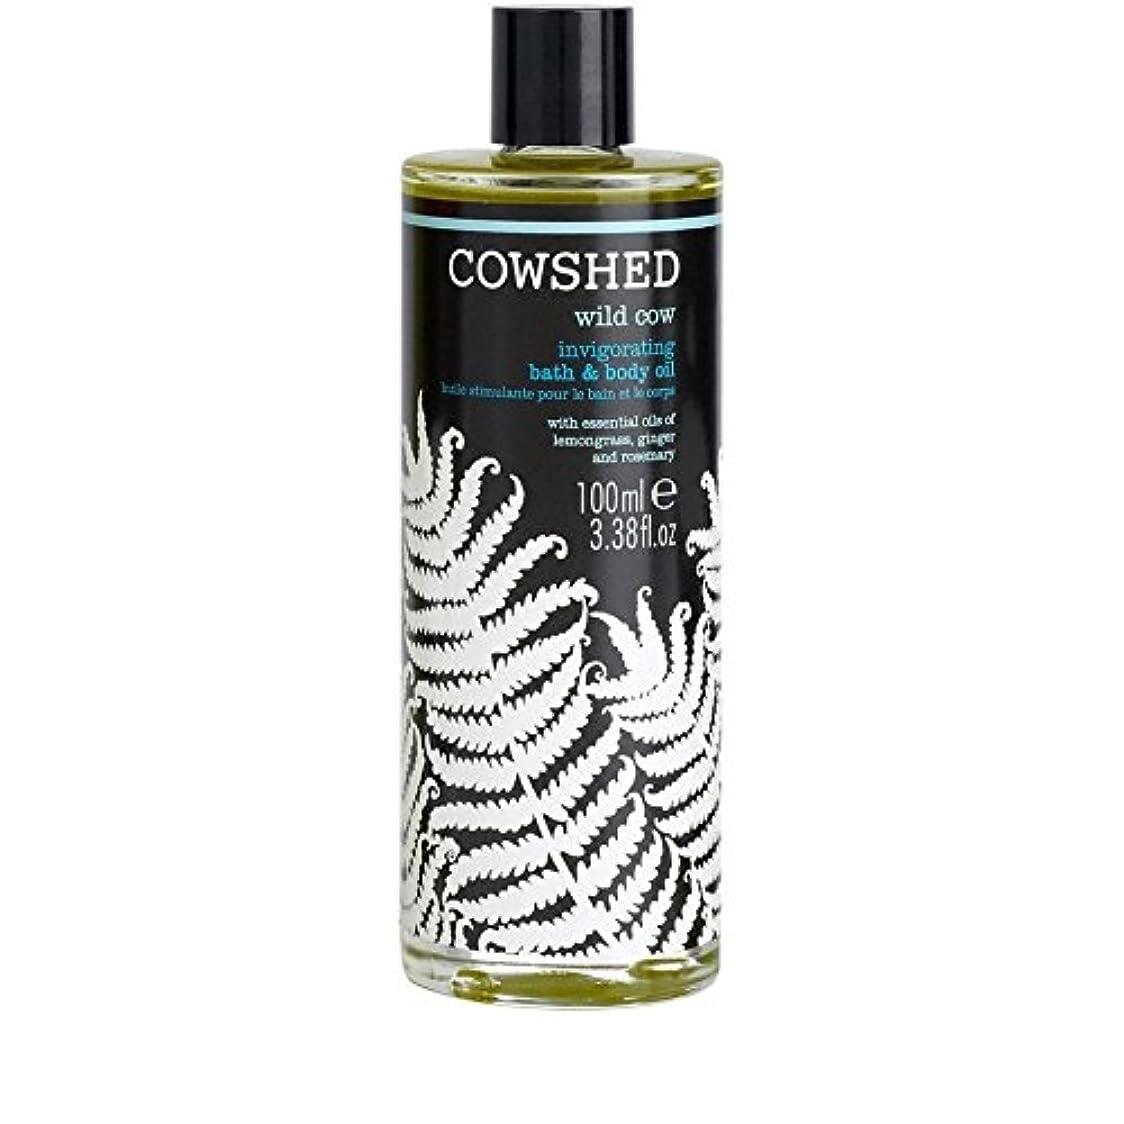 封建便利ゾーンCowshed Wild Cow Invigorating Bath and Body Oil 100ml - 牛舎野生牛爽快バス、ボディオイル100ミリリットル [並行輸入品]